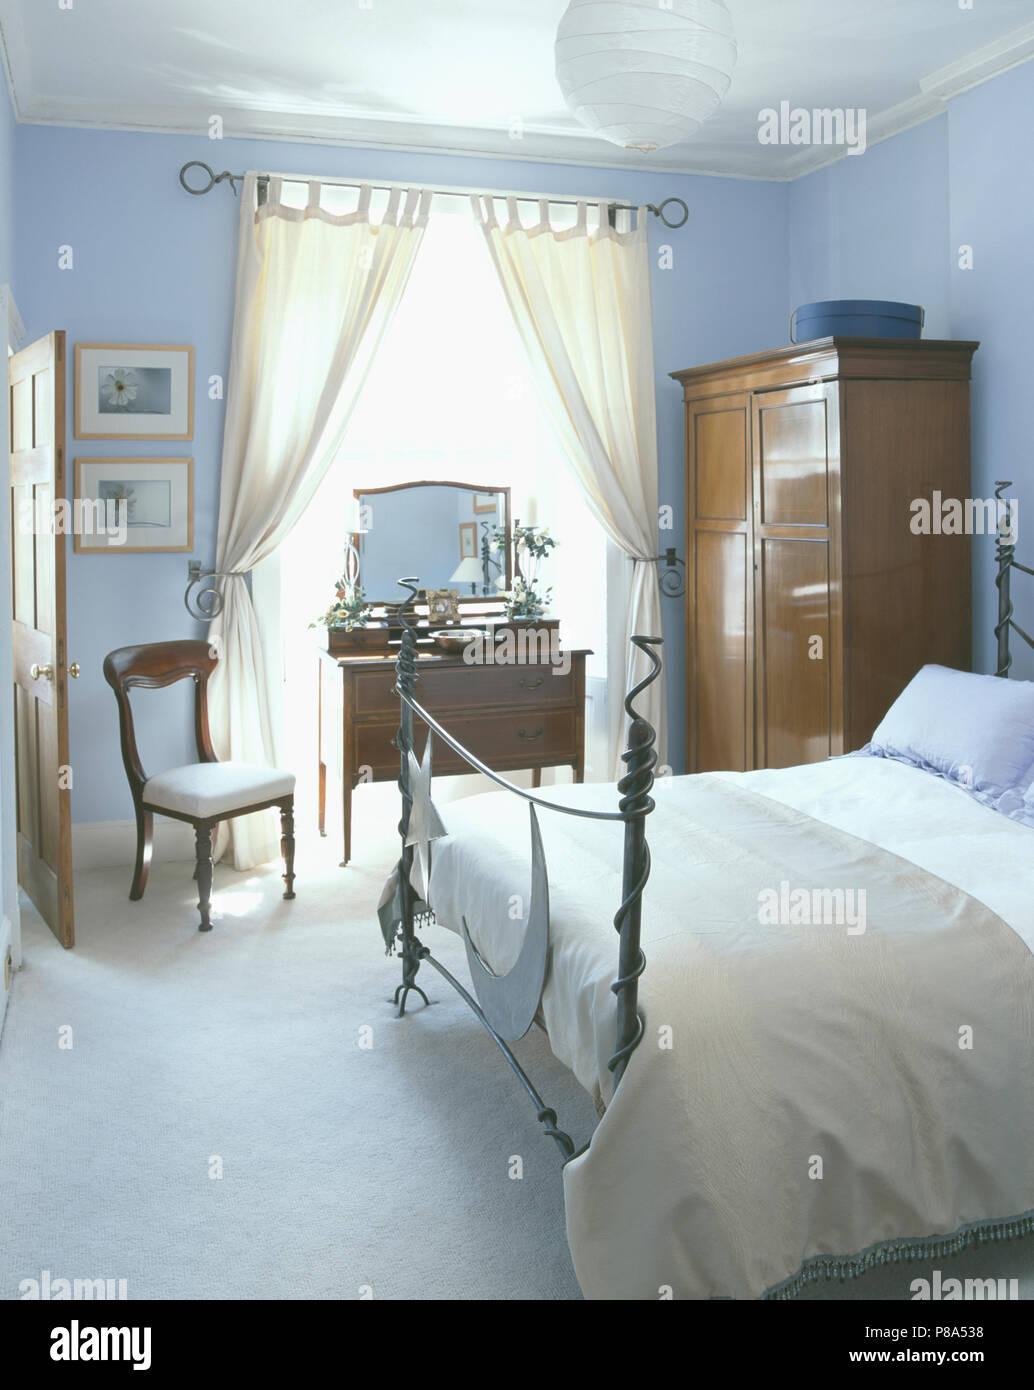 En fer forgé moderne dans des tons pastel chambre bleue avec ...